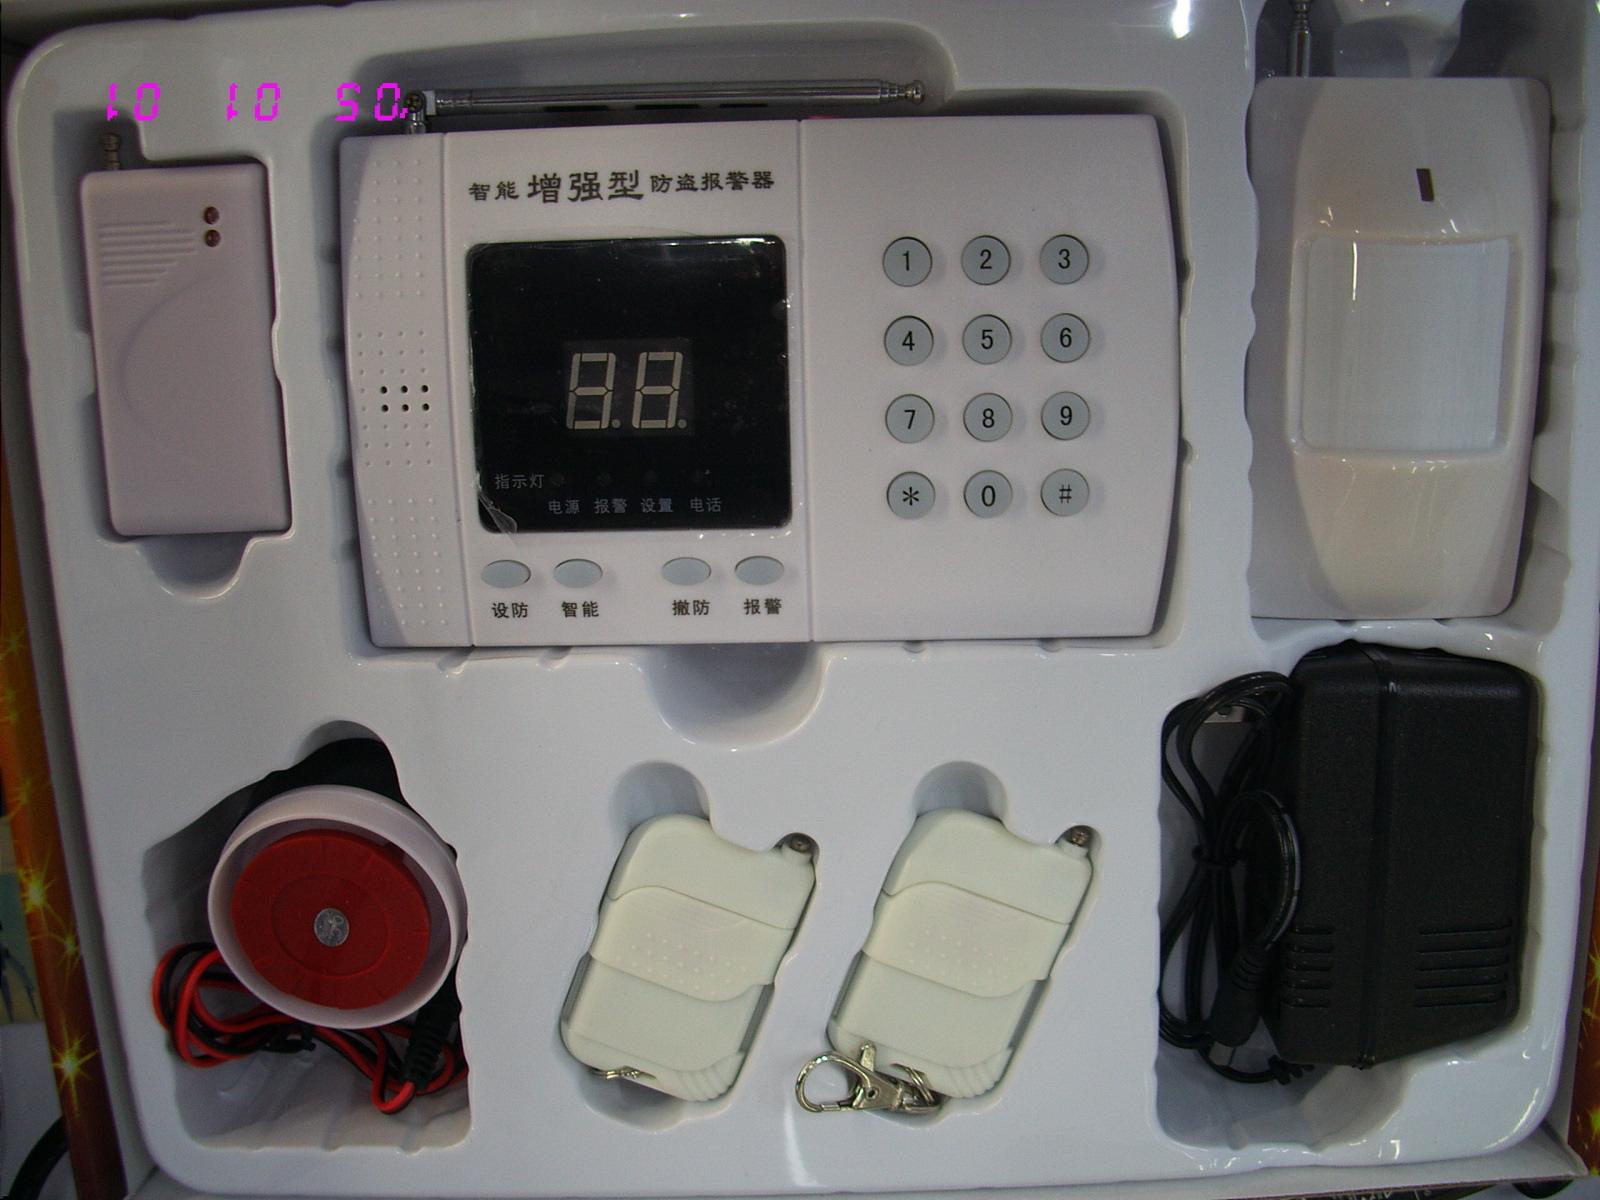 电话线连接智能语音家用防盗报警器系统